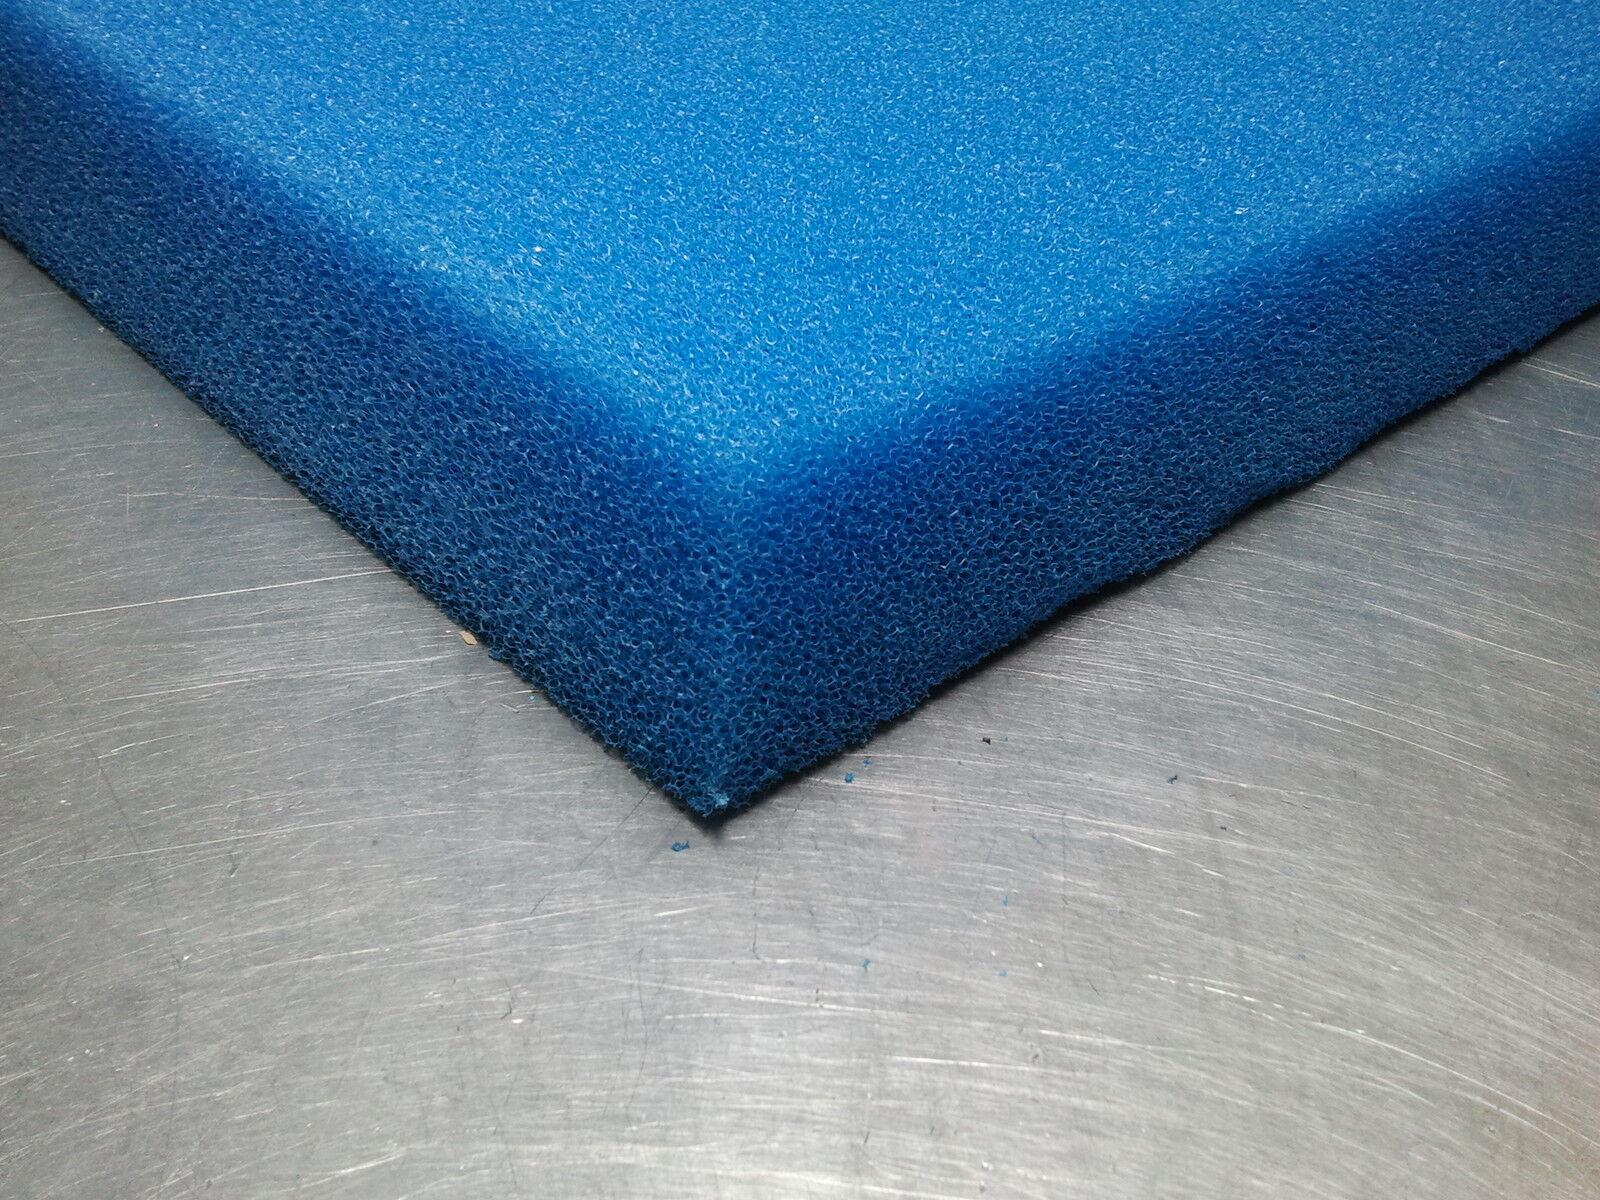 Filterschaum Filtermatte Schwimmteich Teichfilter 100x200x10 cm grob-fein